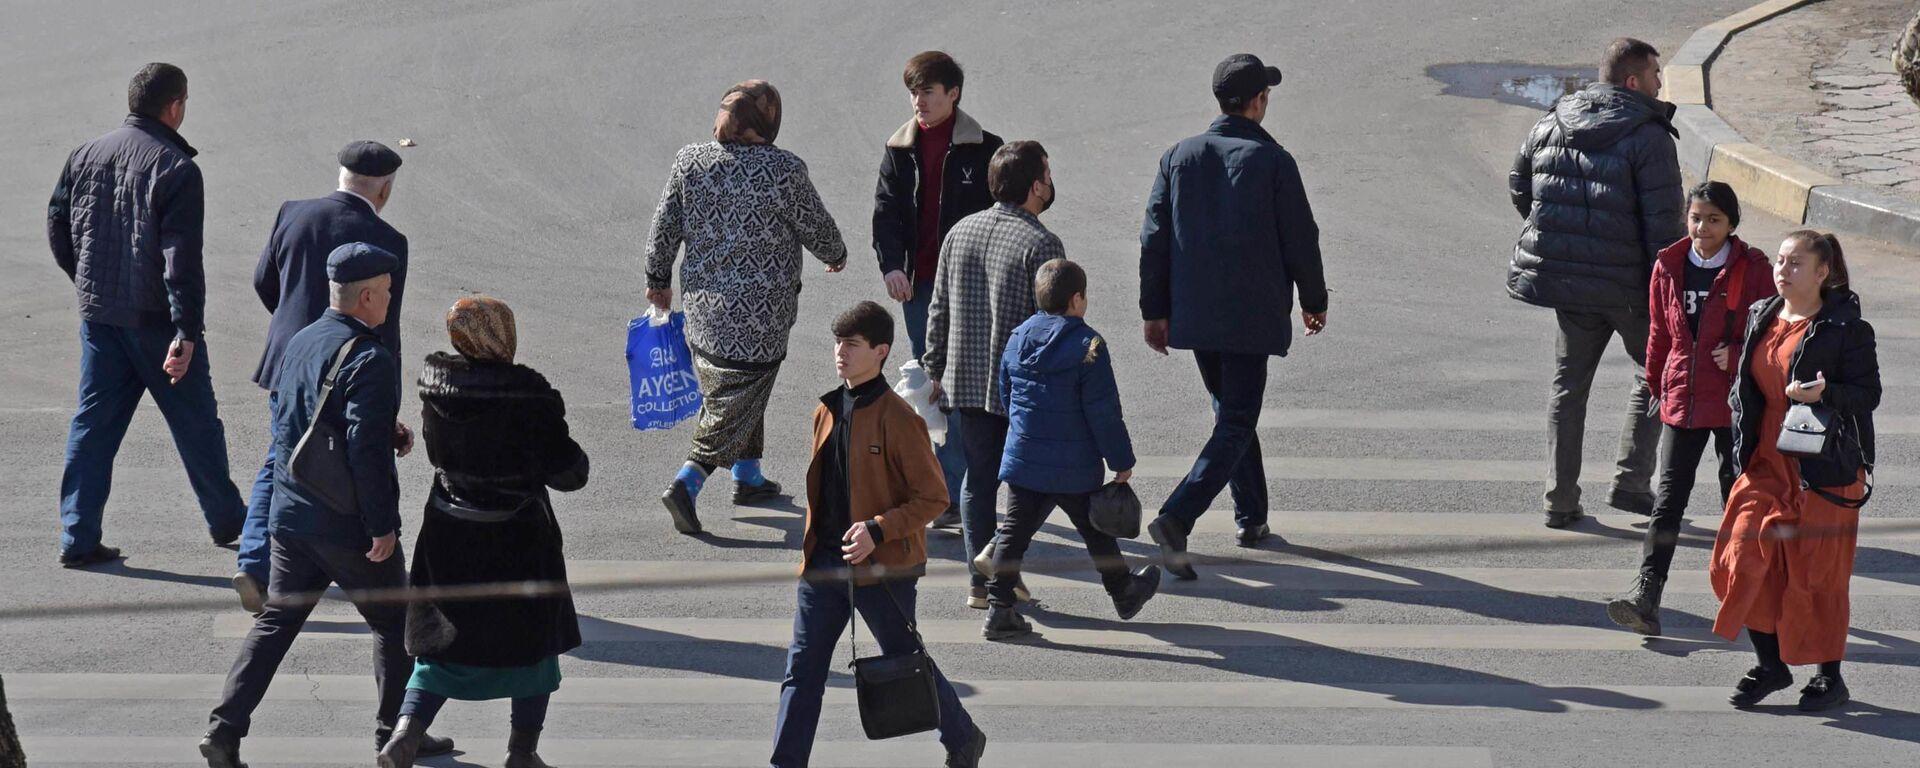 Пешеходы на пешеходном переходе в Душанбе - Sputnik Таджикистан, 1920, 01.02.2021